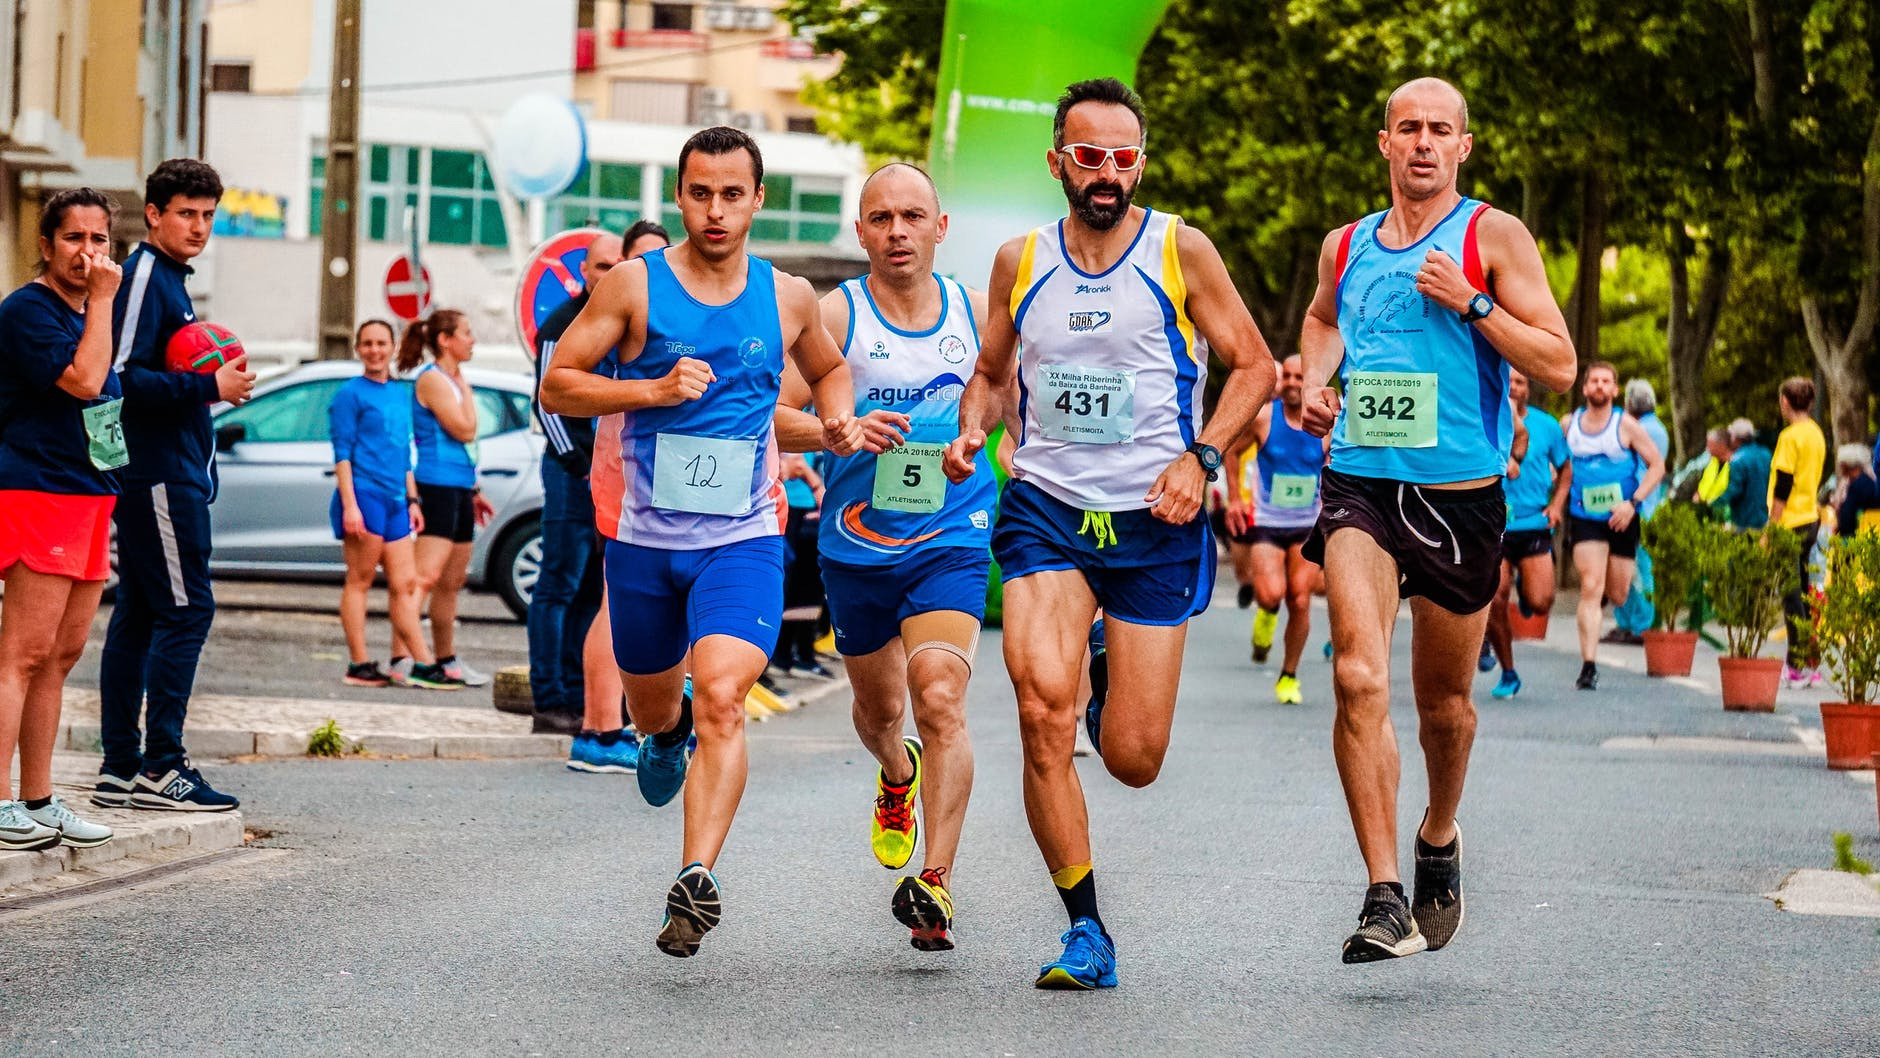 40岁跑步能延缓衰老吗?当然能,理由有4个,好处也是它们!